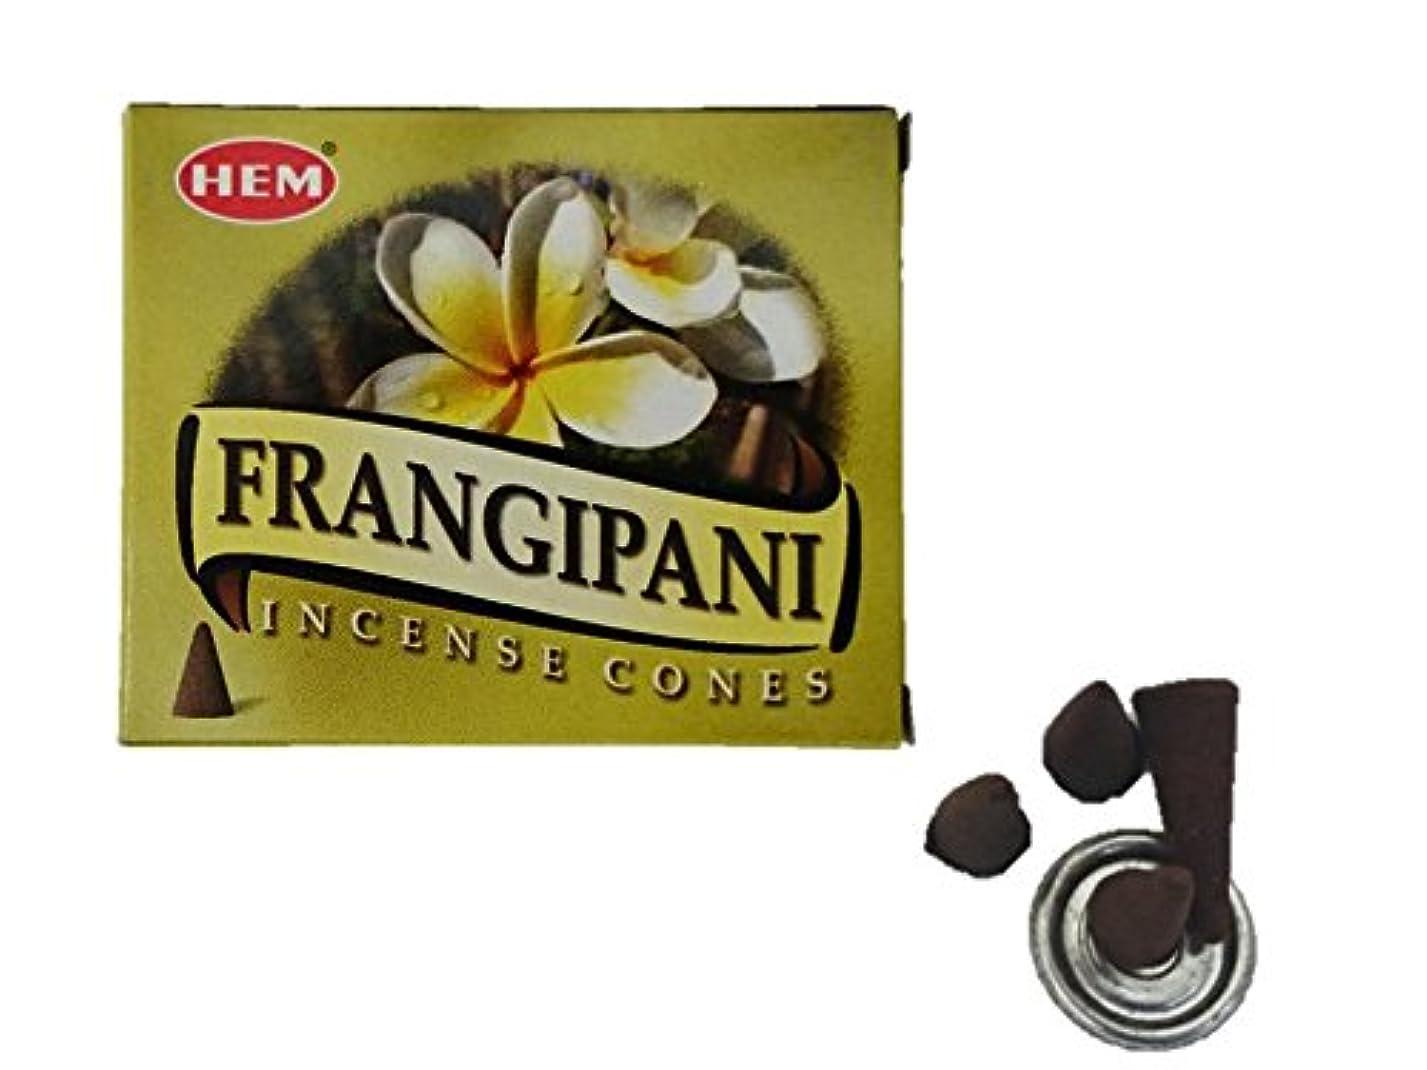 発掘するふける伝染病HEM(ヘム)お香 フランジパニ コーン 1箱